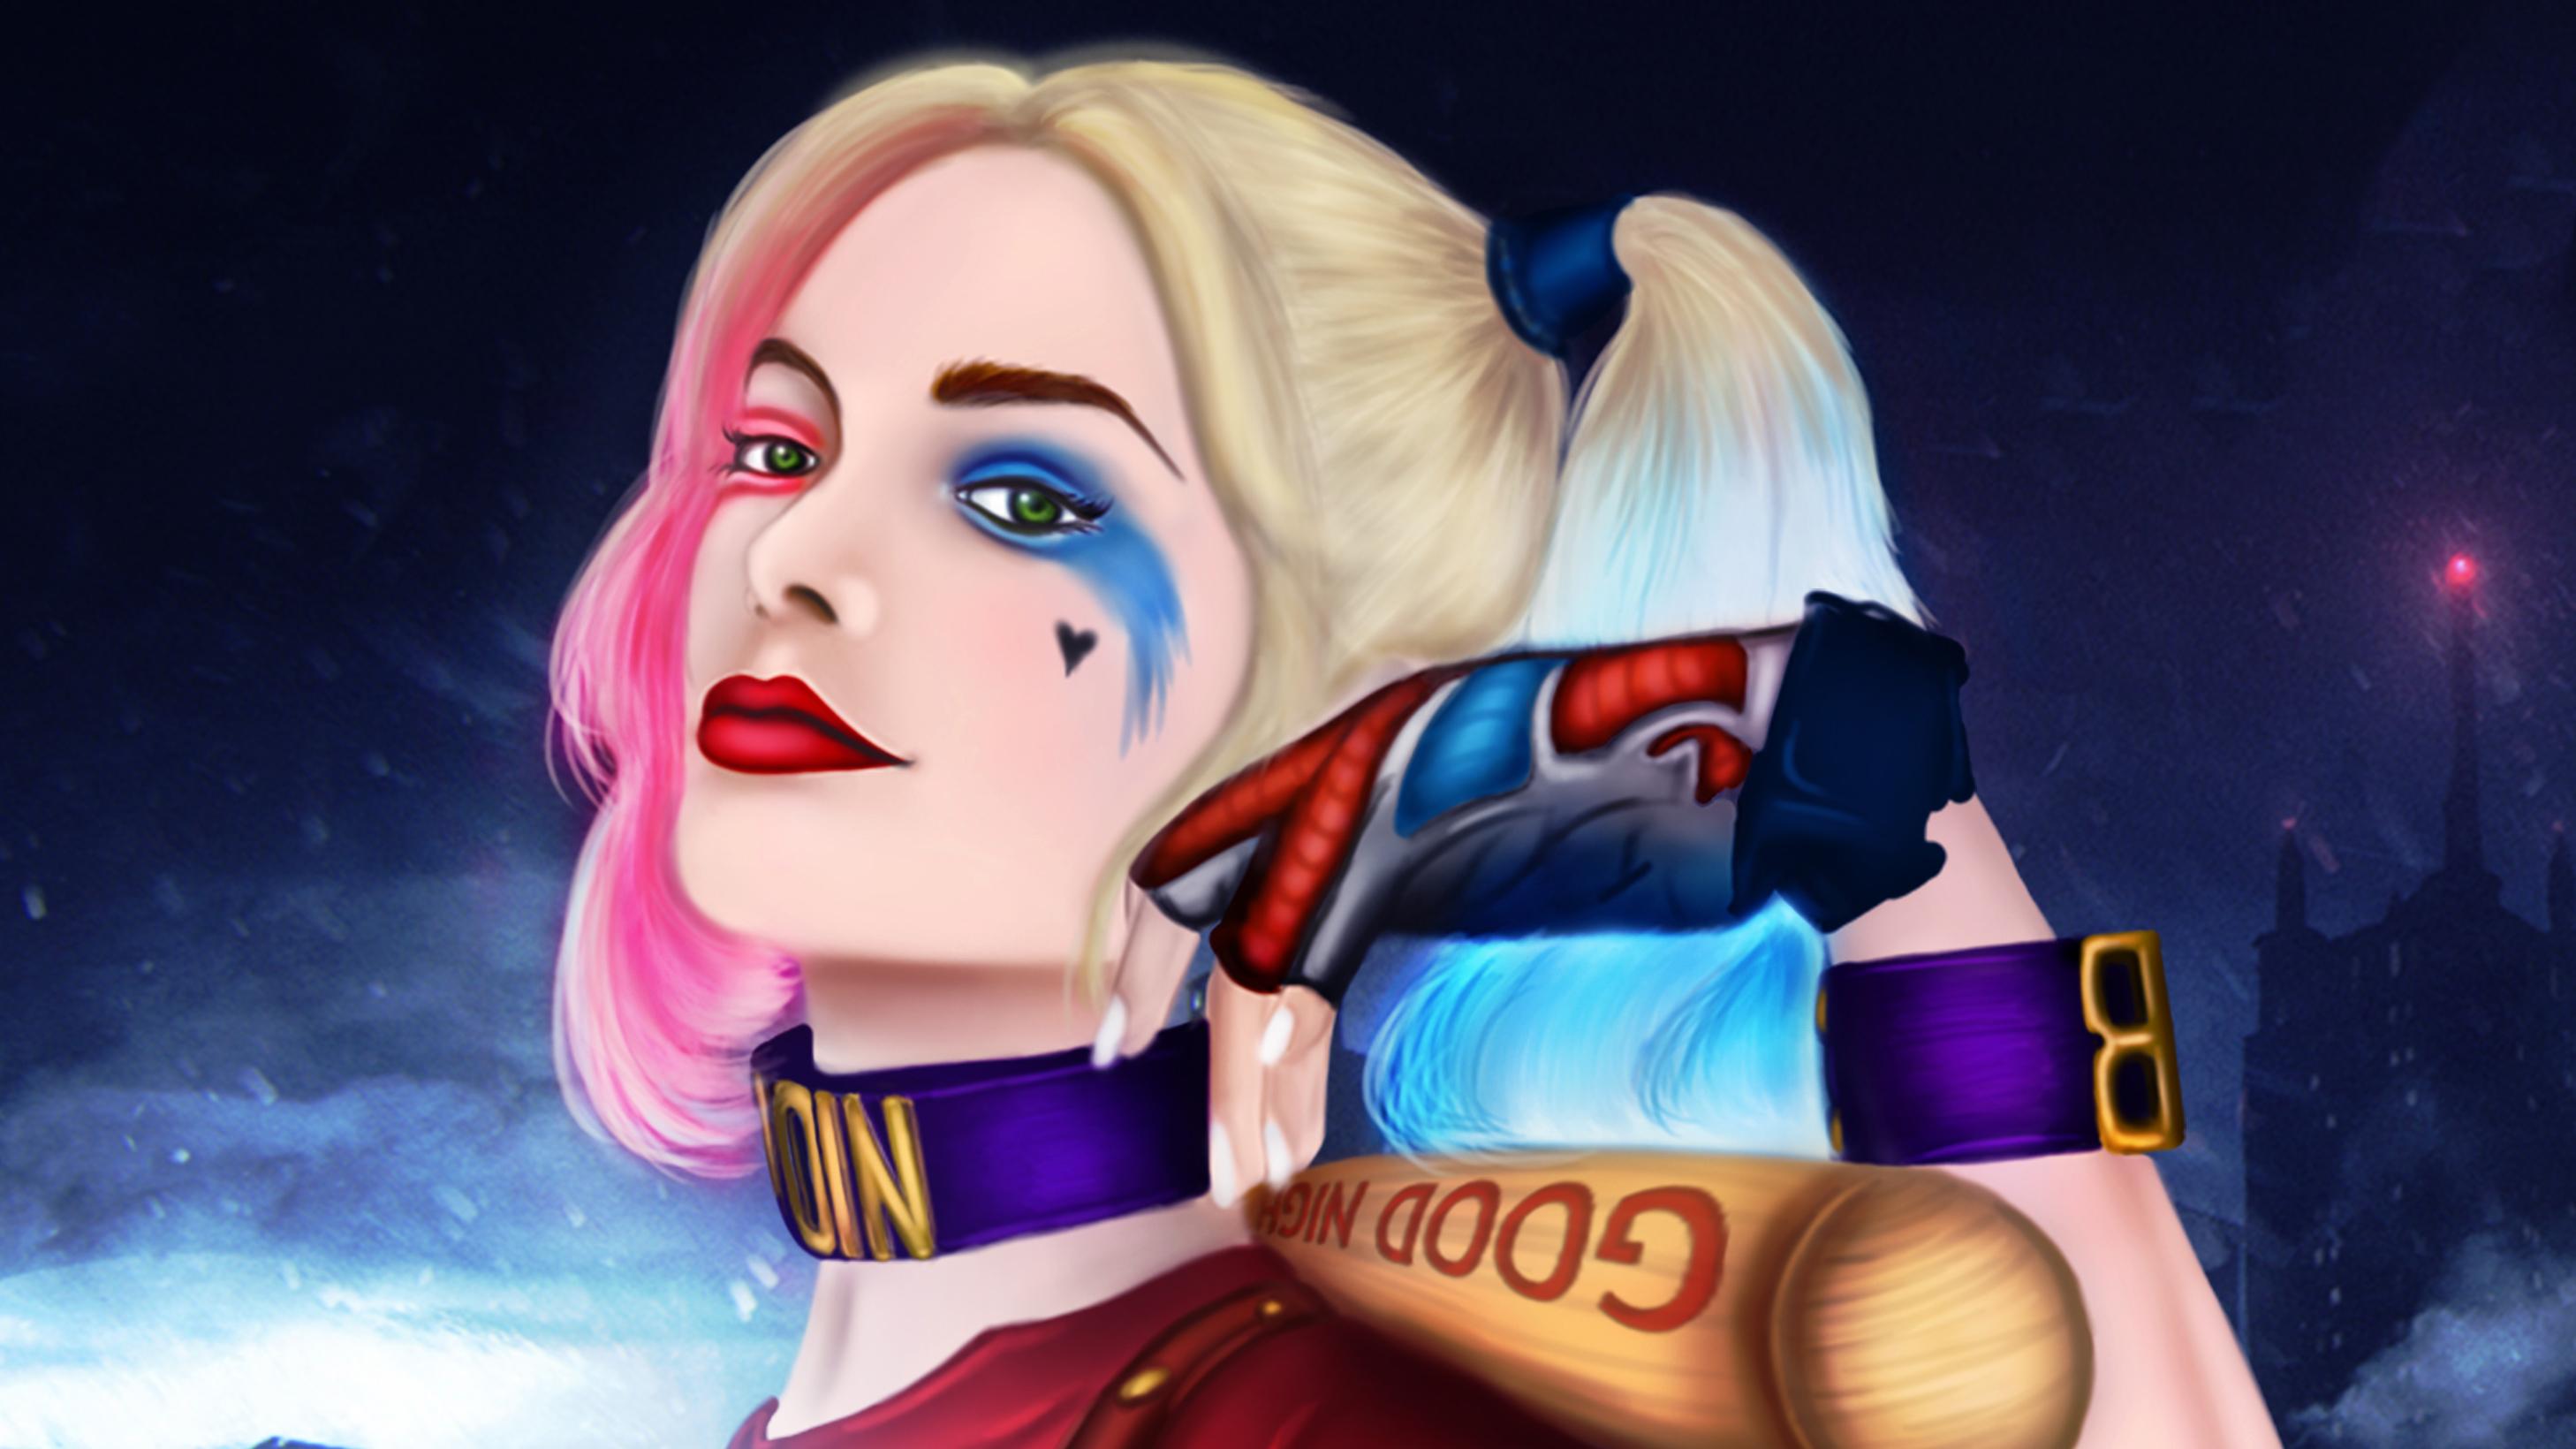 Harley Quinn 4k Hd Wallpapers: Harley Quinn Artwork 4k, HD Superheroes, 4k Wallpapers